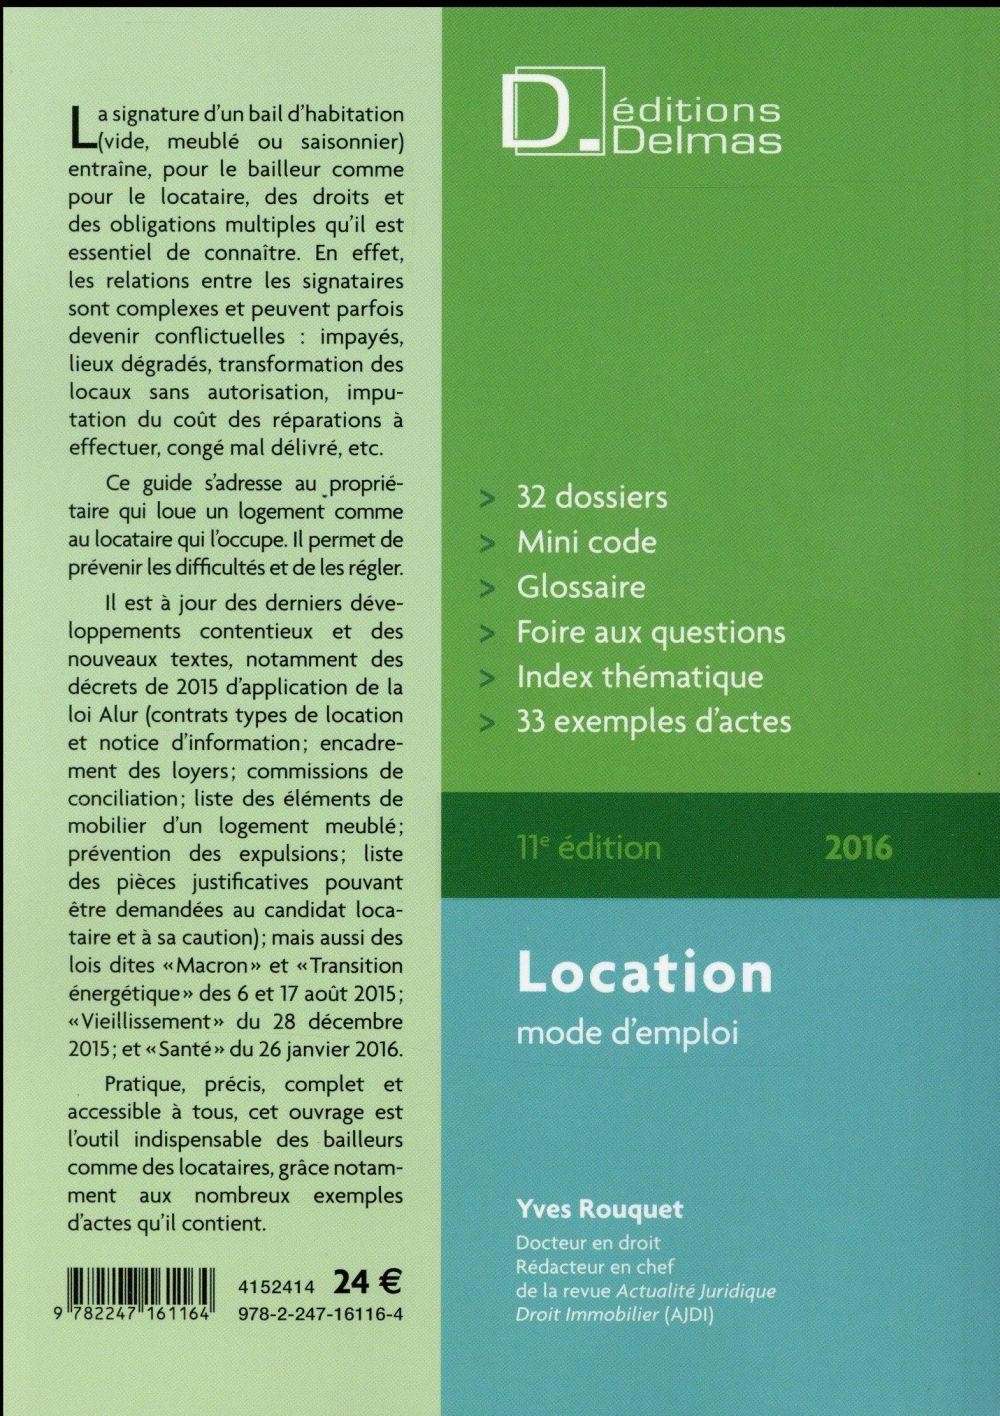 Locations ; mode d'emploi (édition 2016)